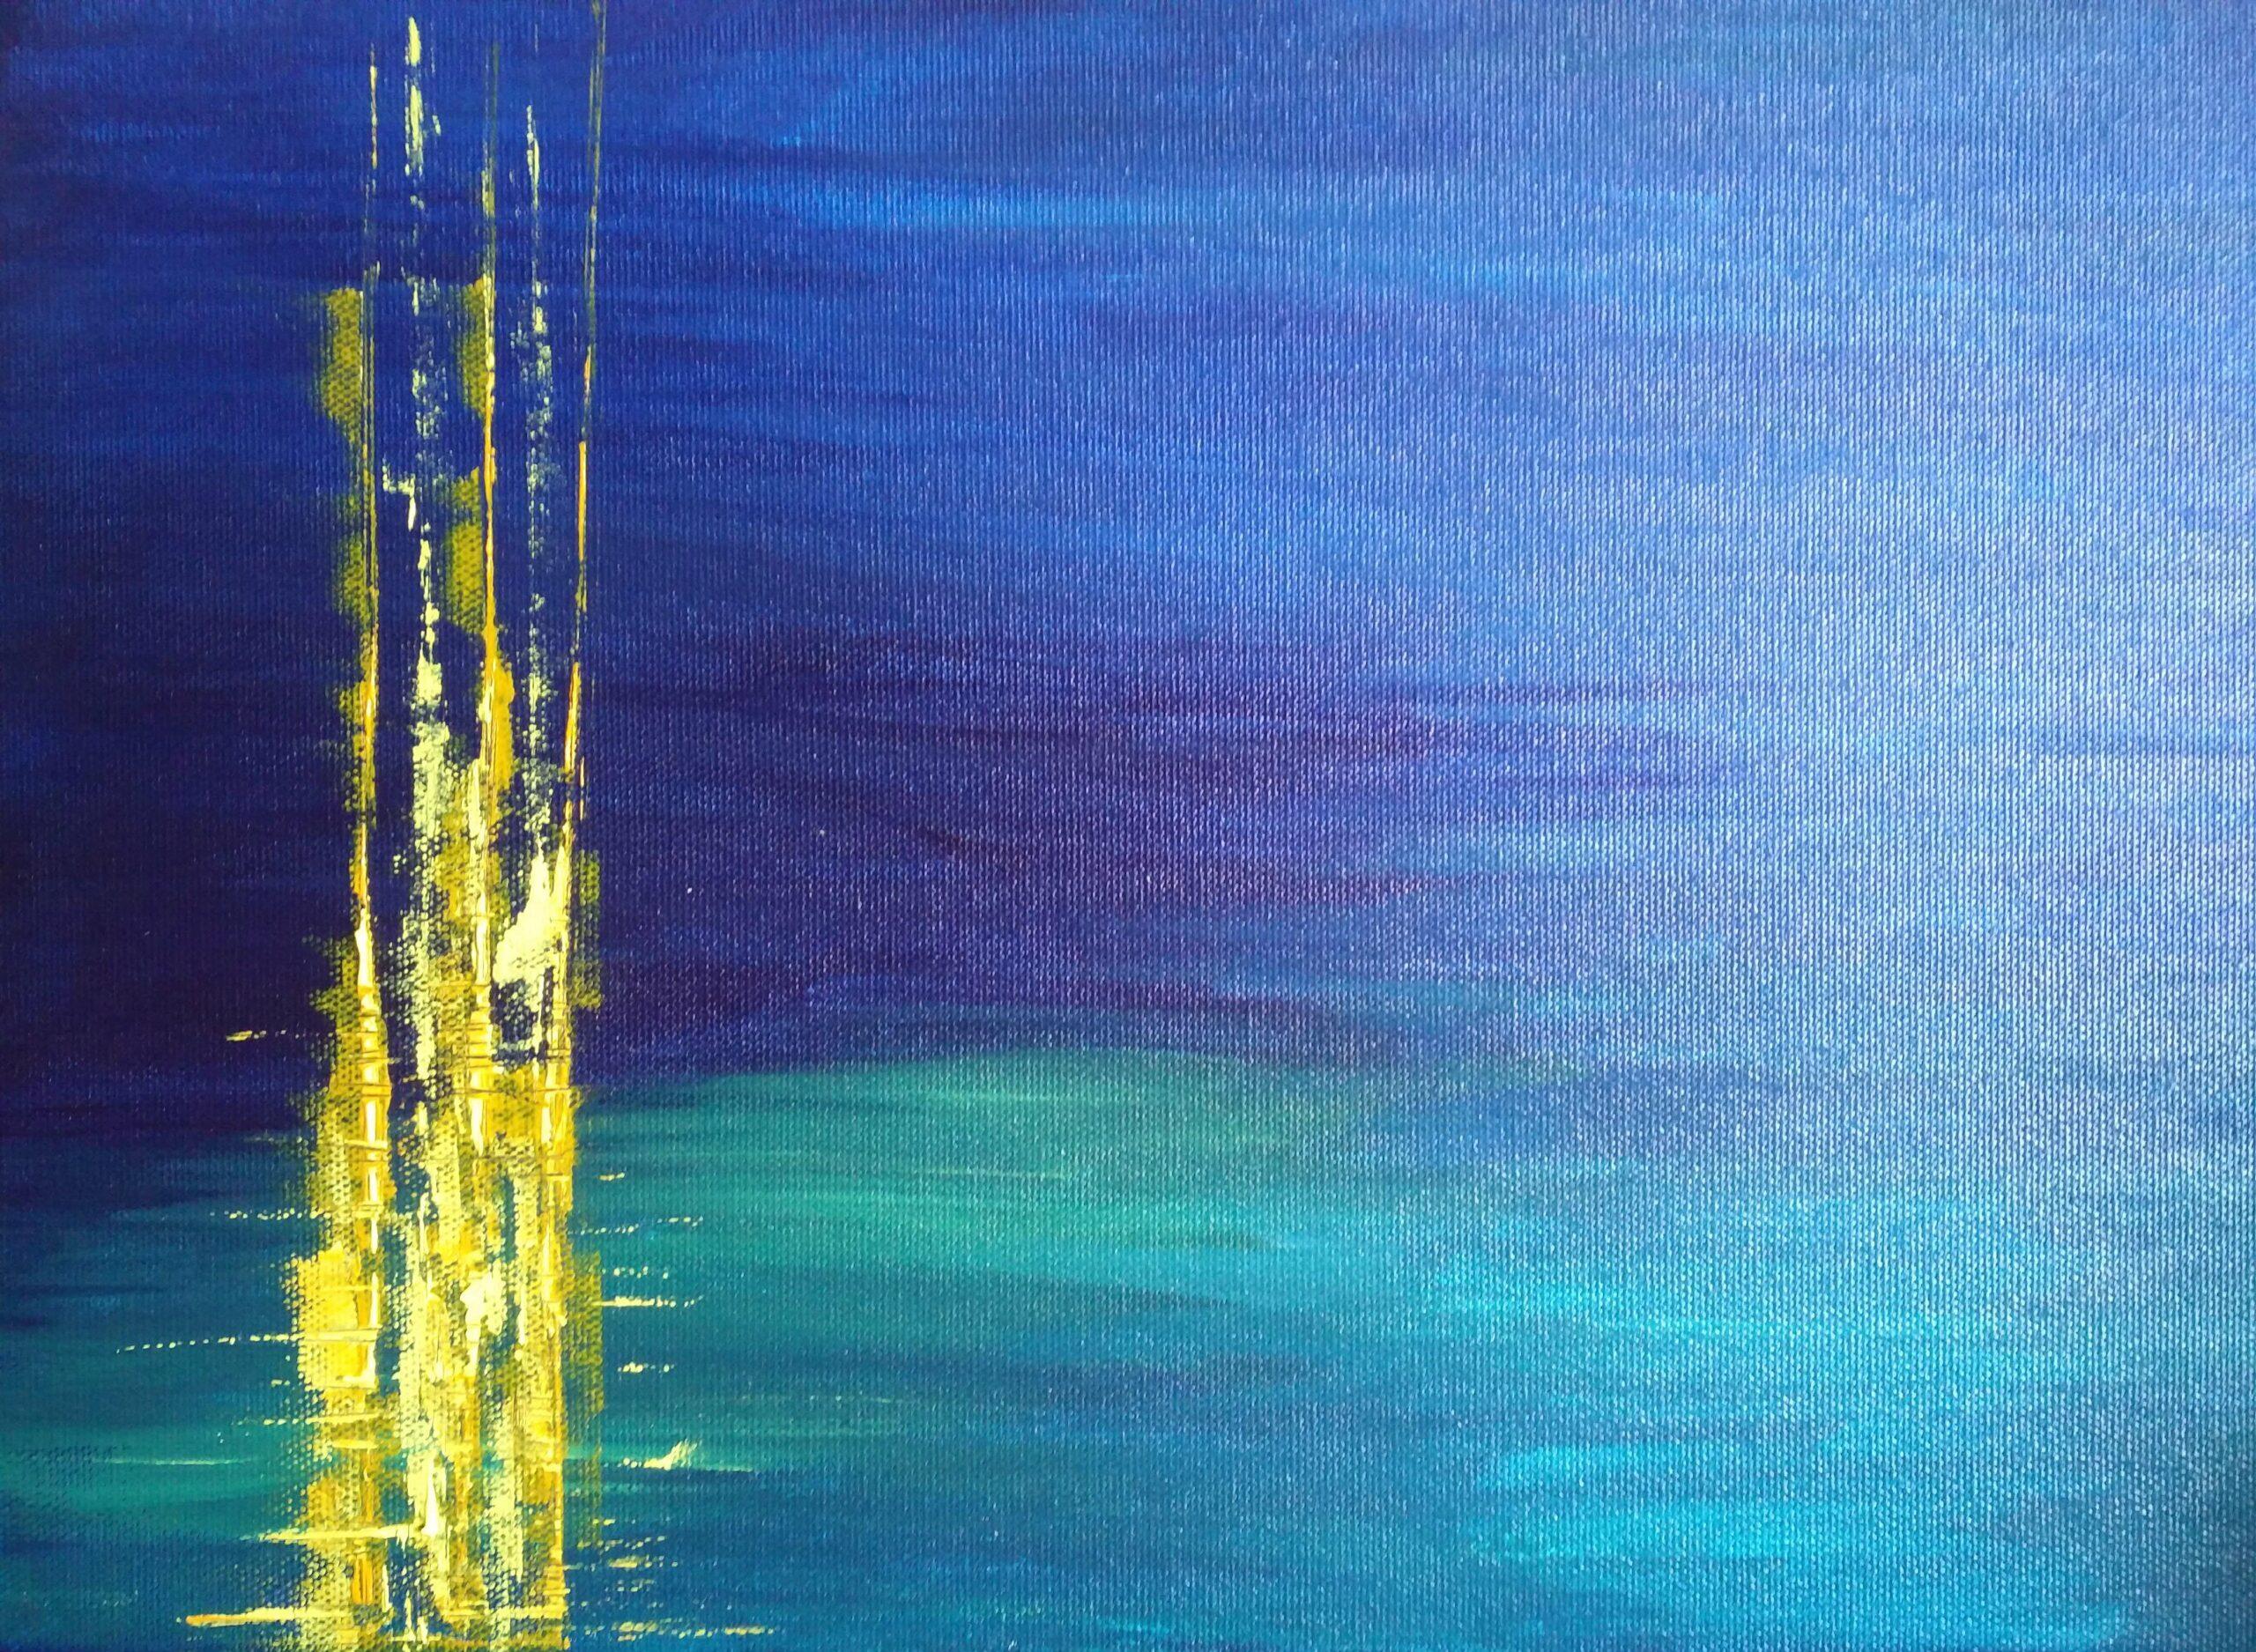 Paintings by Sucheta